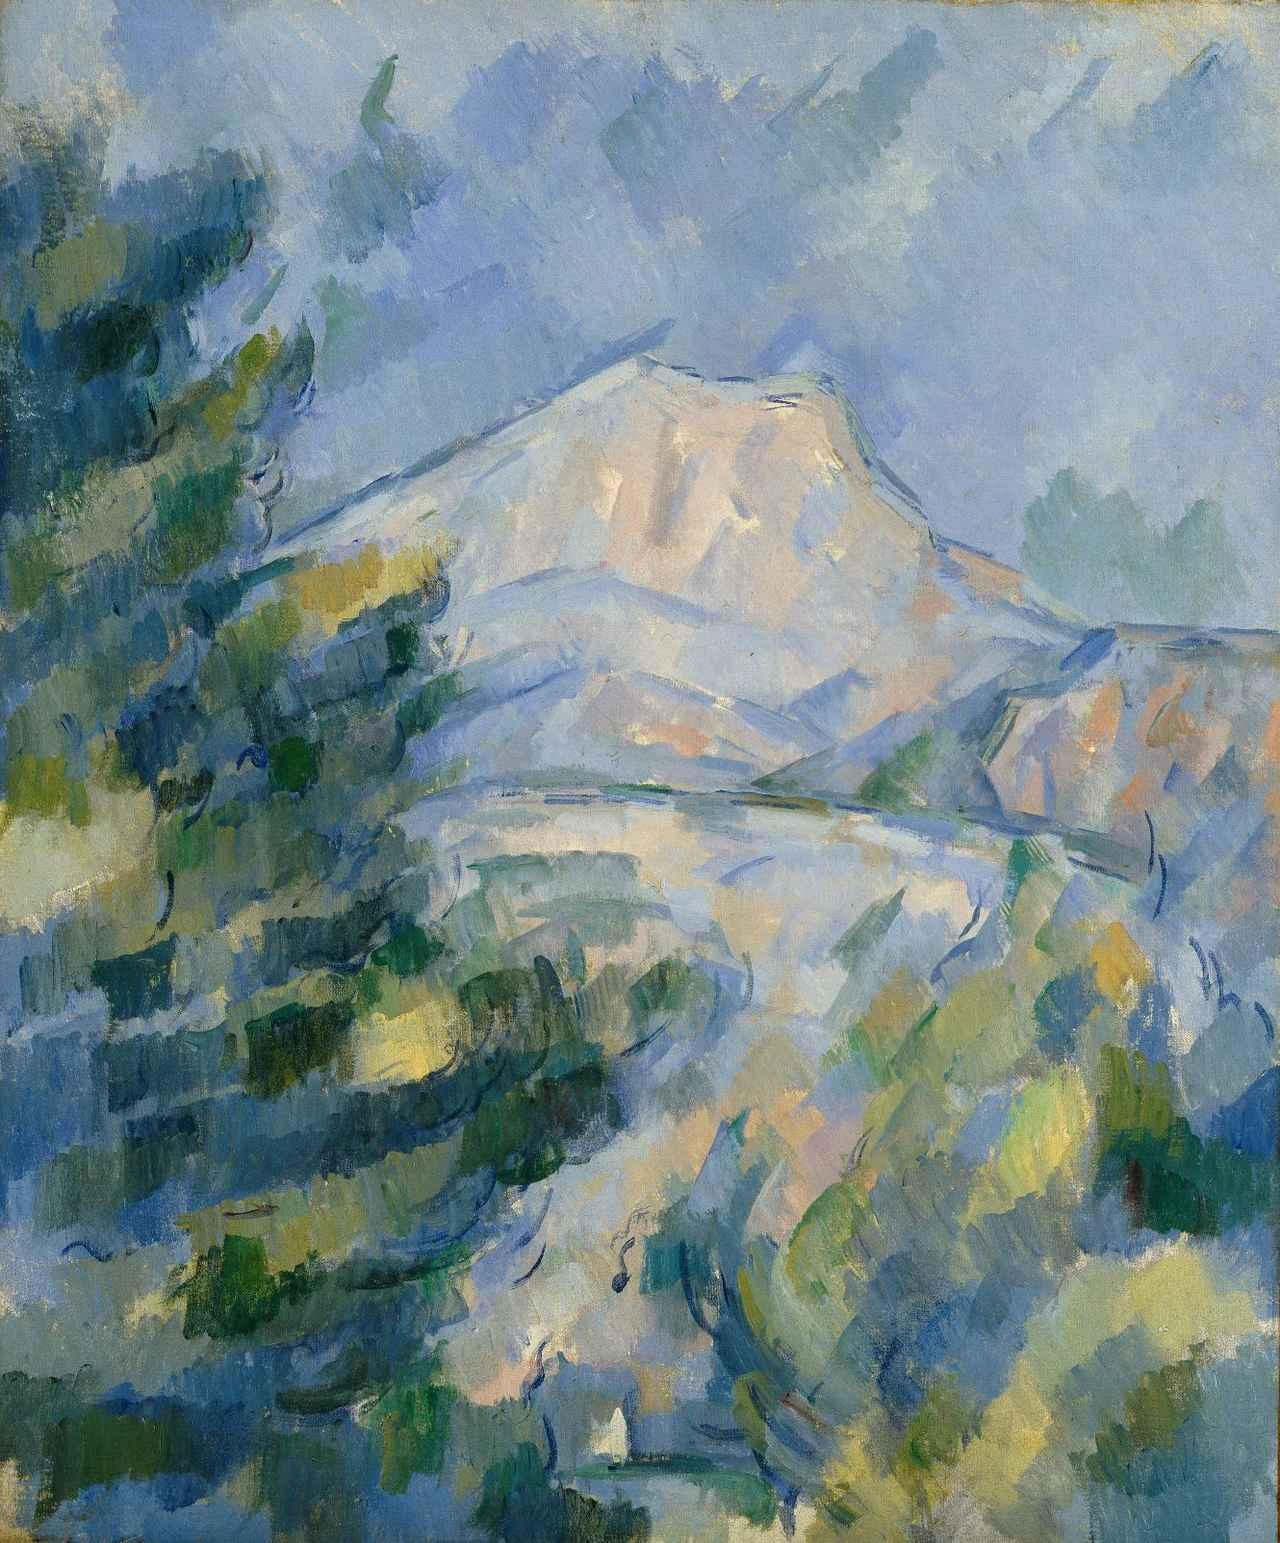 画像: 「サント=ヴィクトワール山」 ポール・セザンヌ 1904-1906年頃 Bequest of Robert H. Tannahill